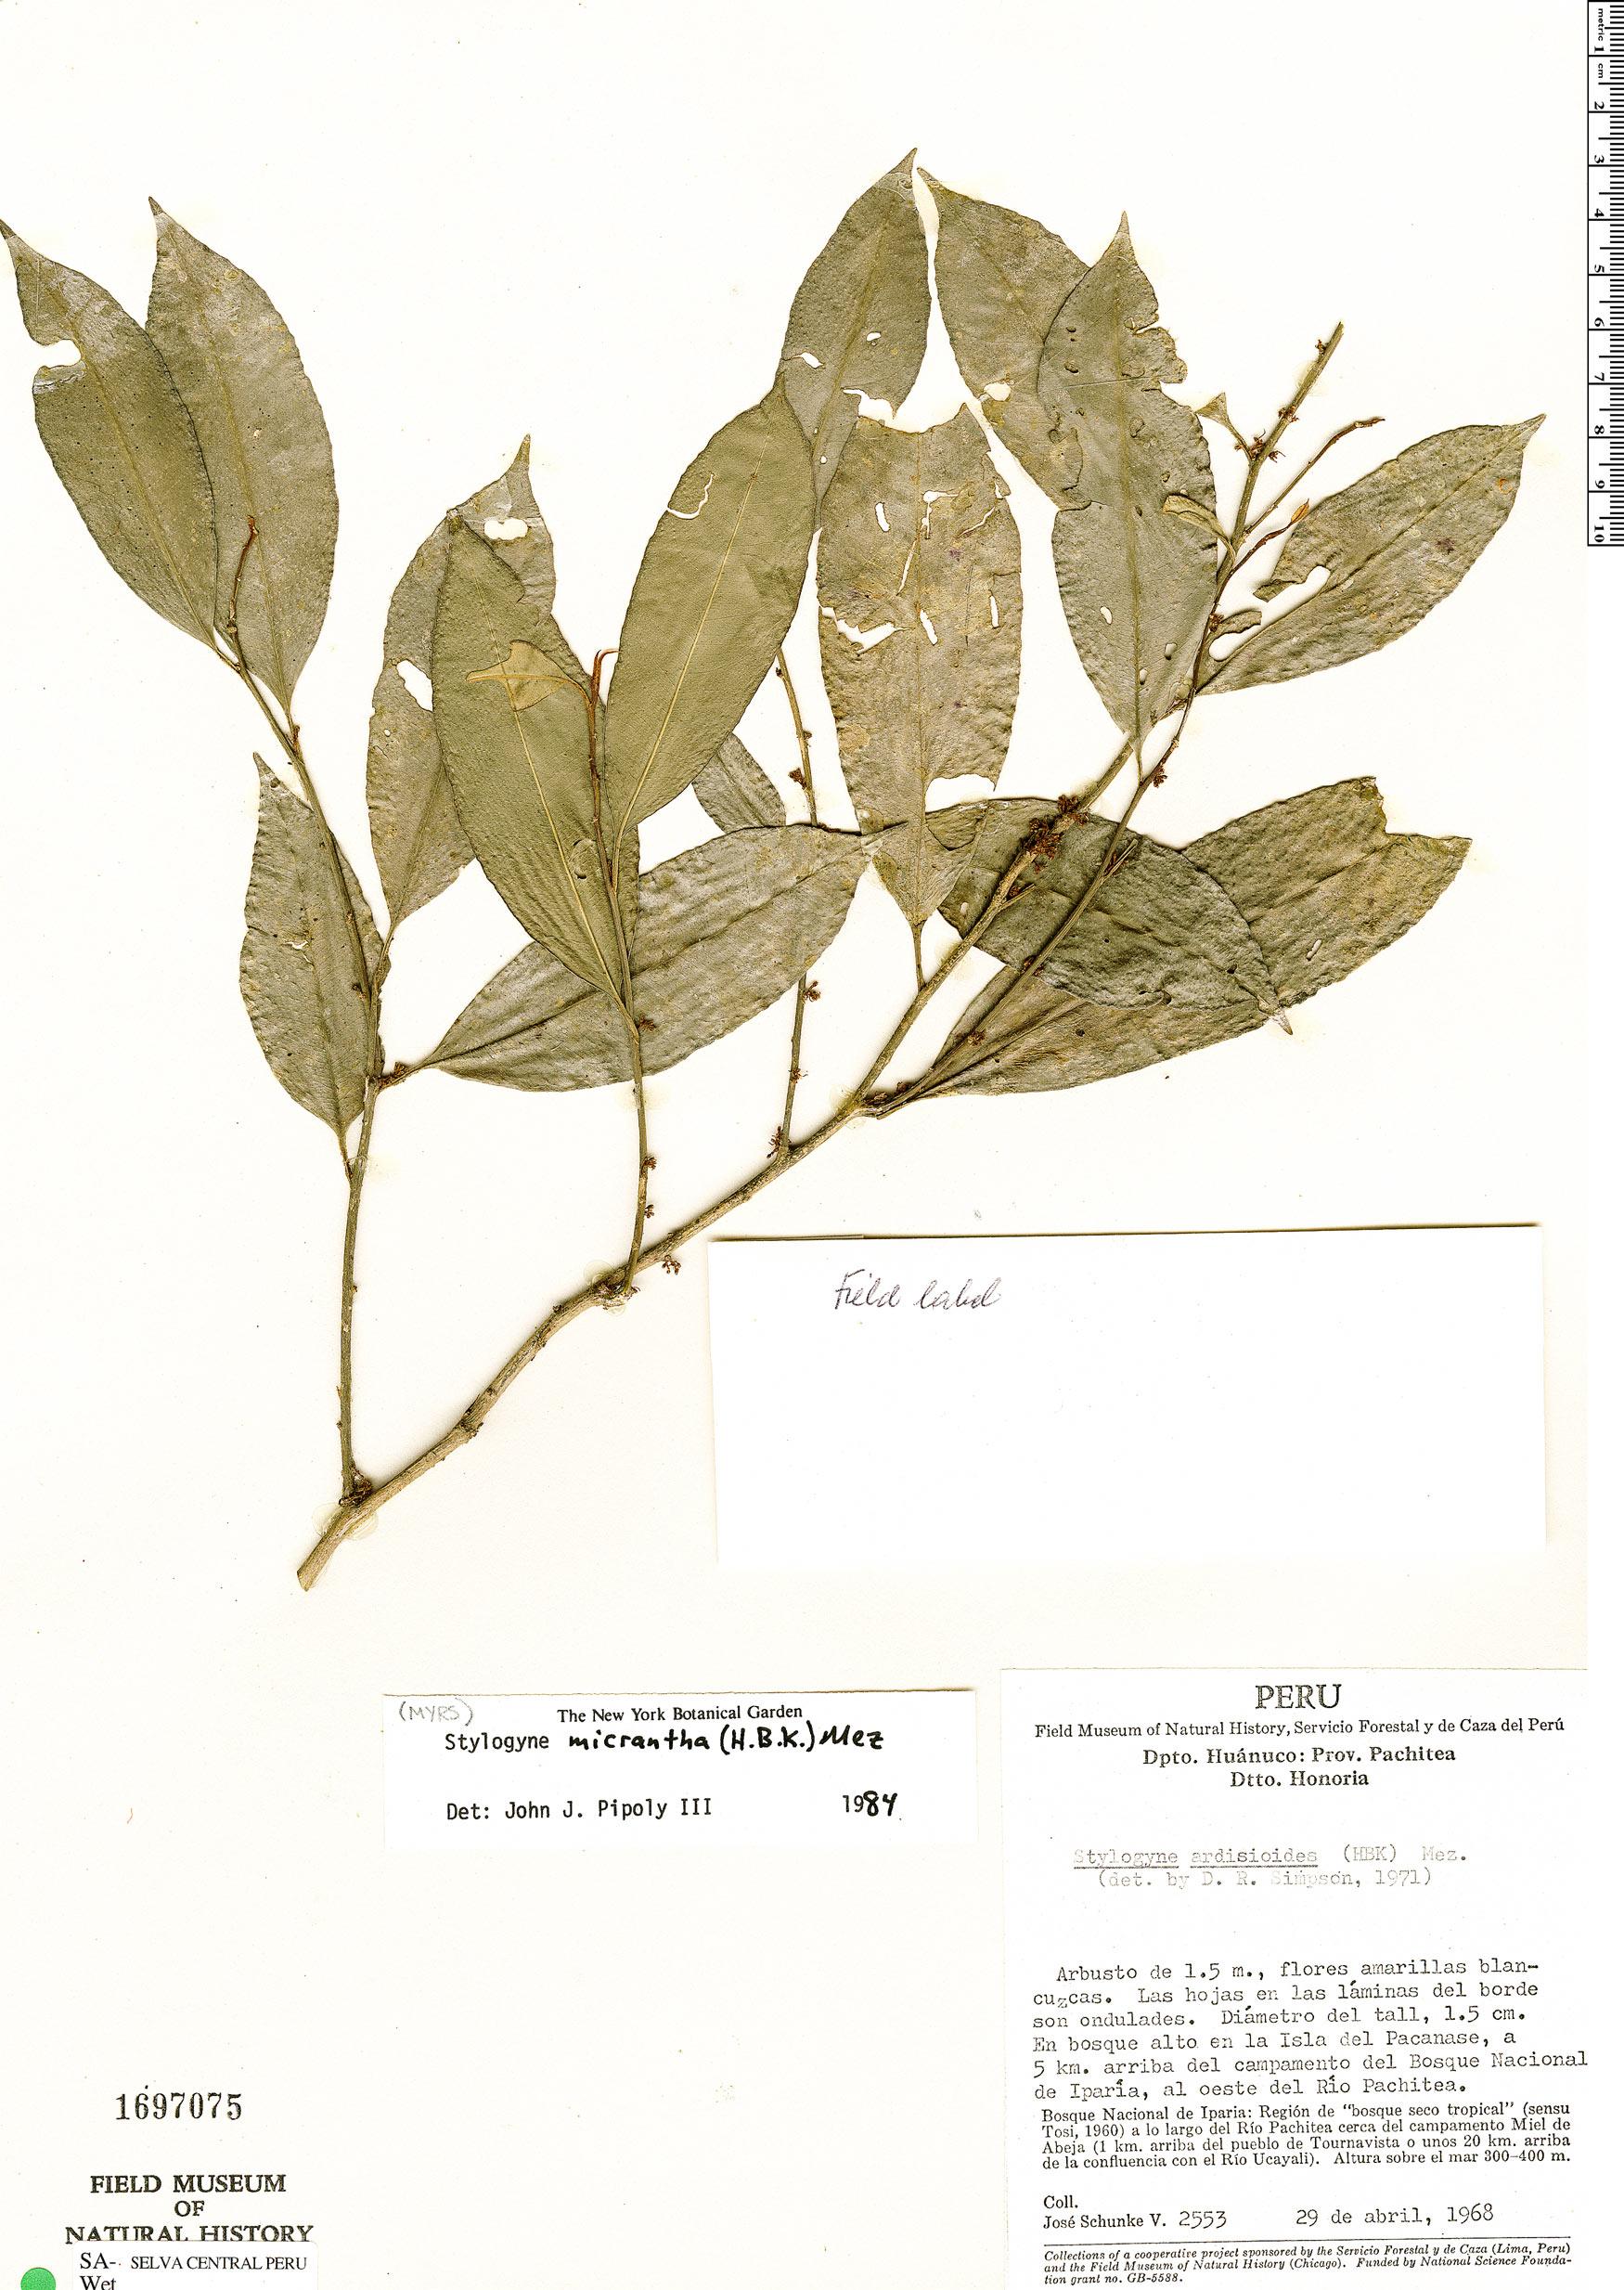 Specimen: Stylogyne micrantha